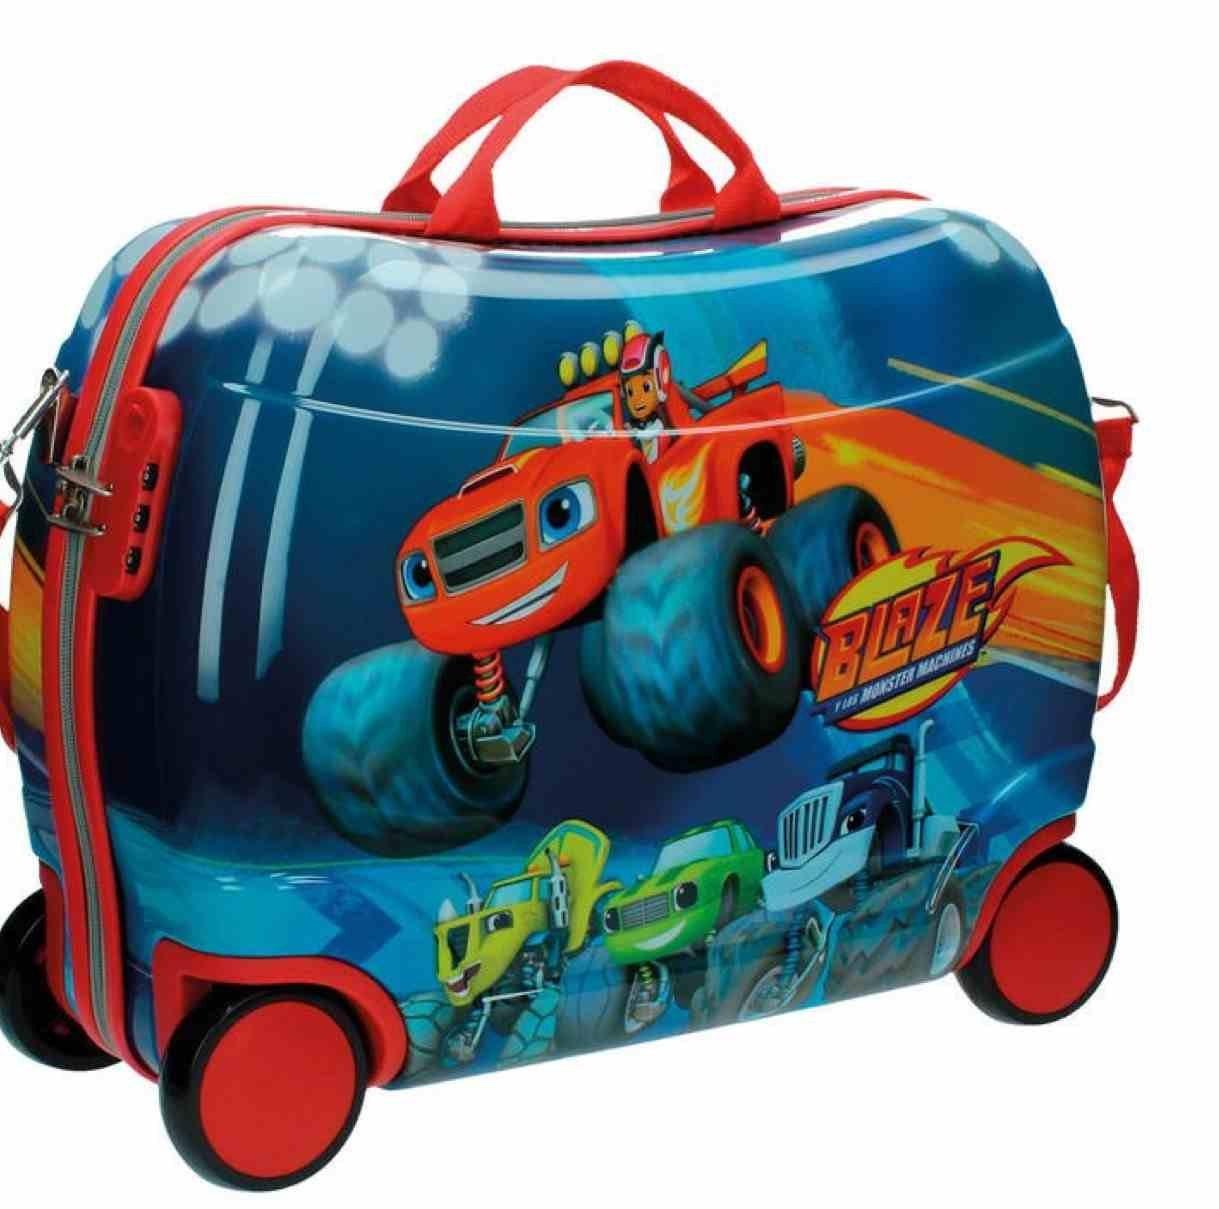 Blaze Sitzkoffer Maschinen Kindergepäck, 38 Liter, Rot